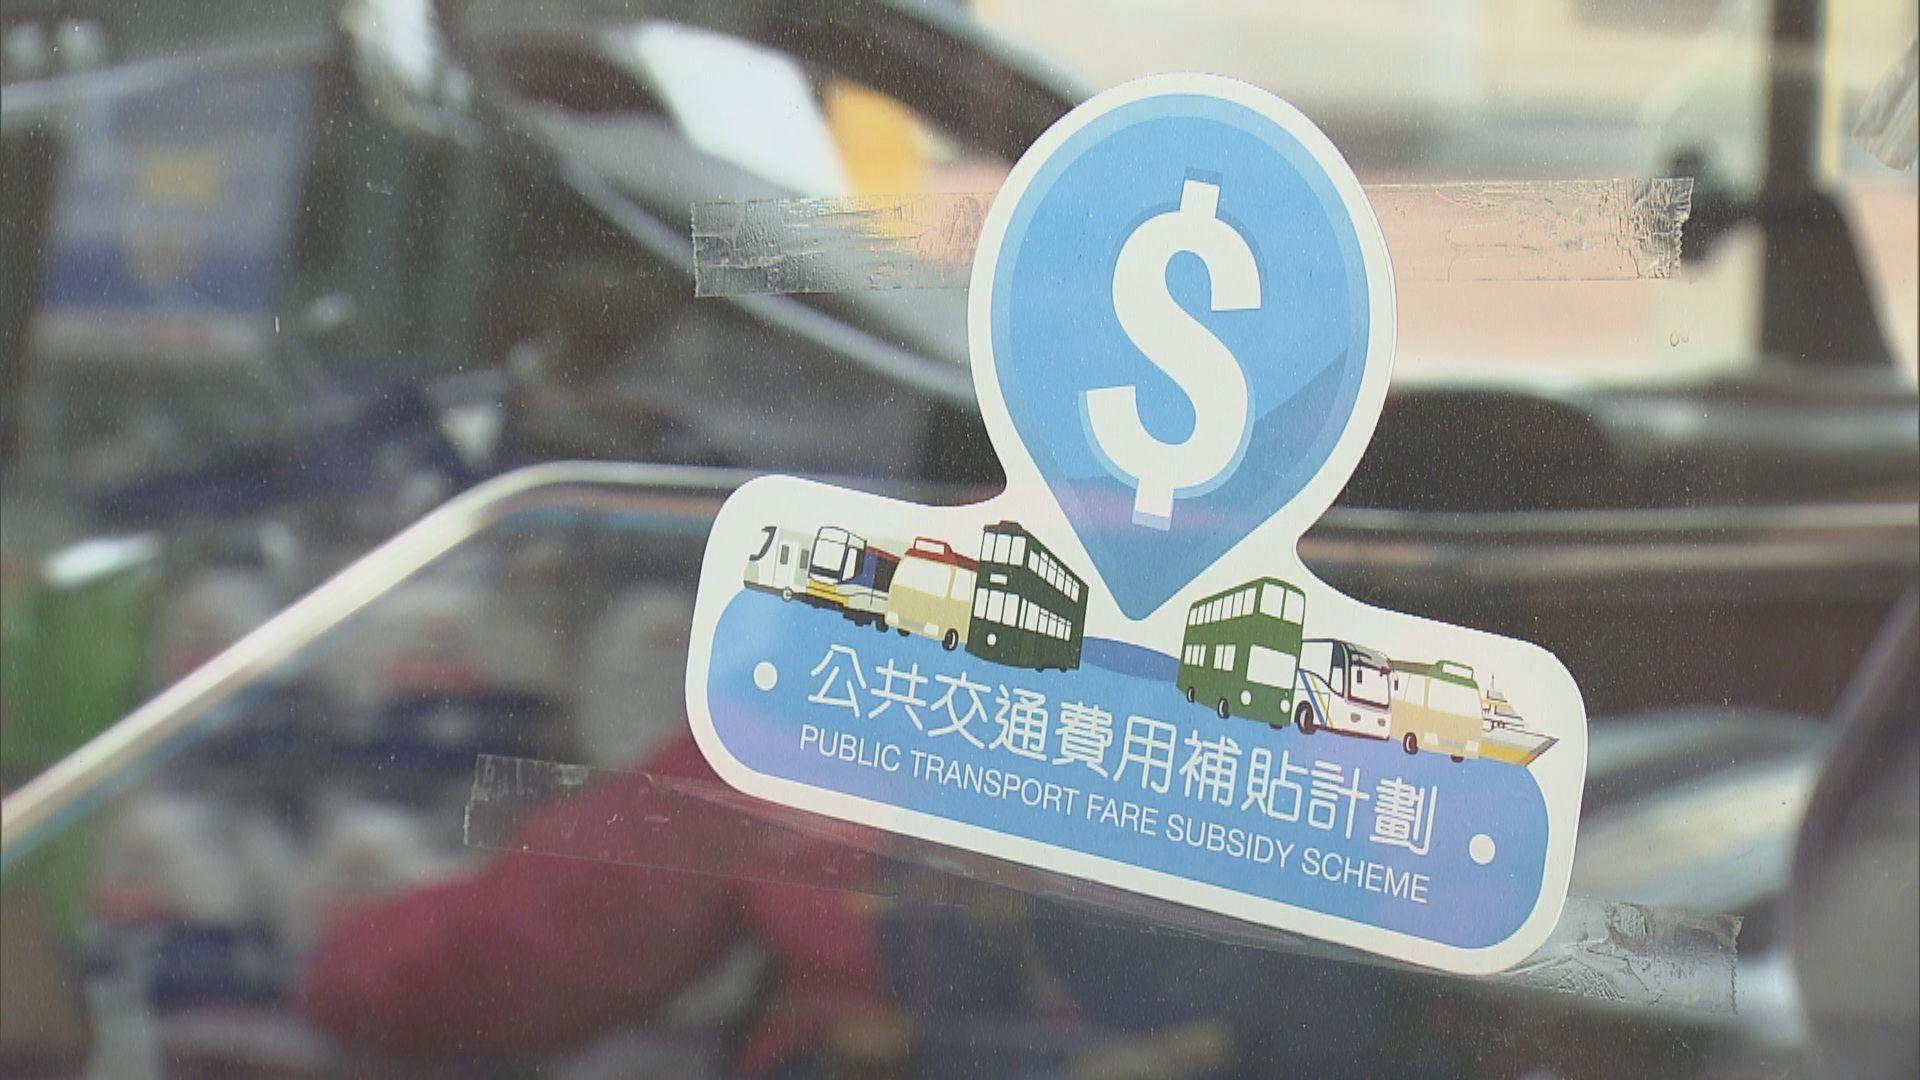 交通費用補貼計劃今實施 涵蓋部分紅色小巴